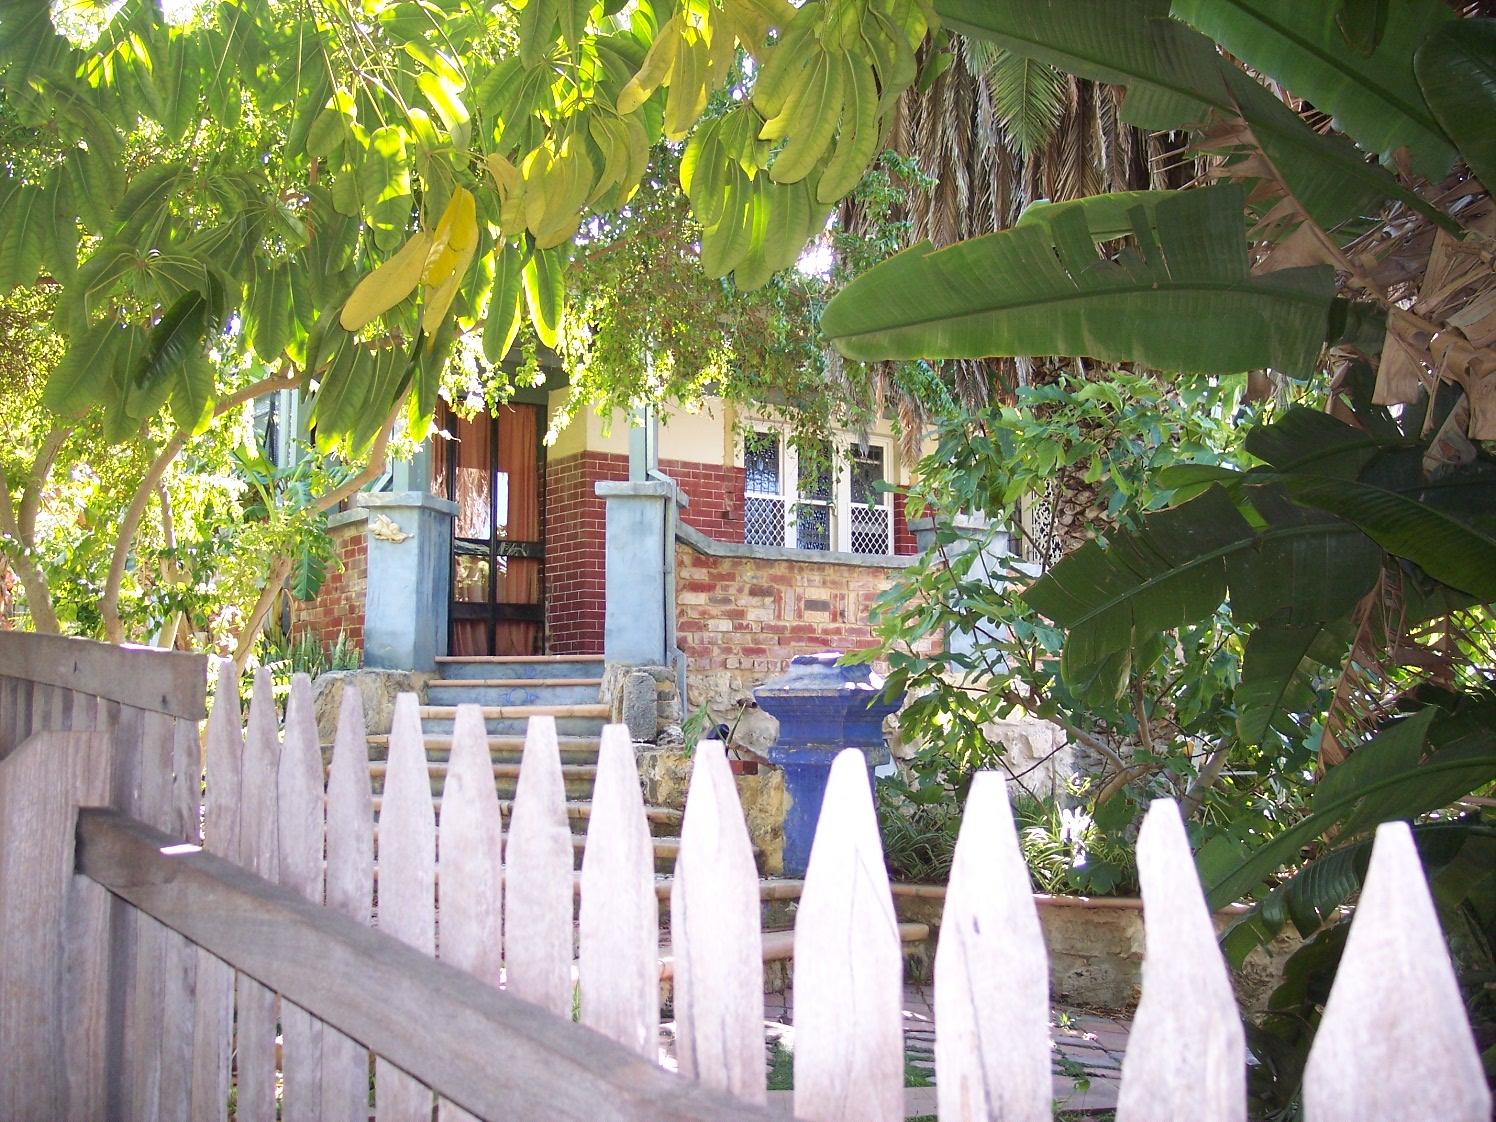 4-4-08 View NNE verandah 224 Canning Highway.jpg